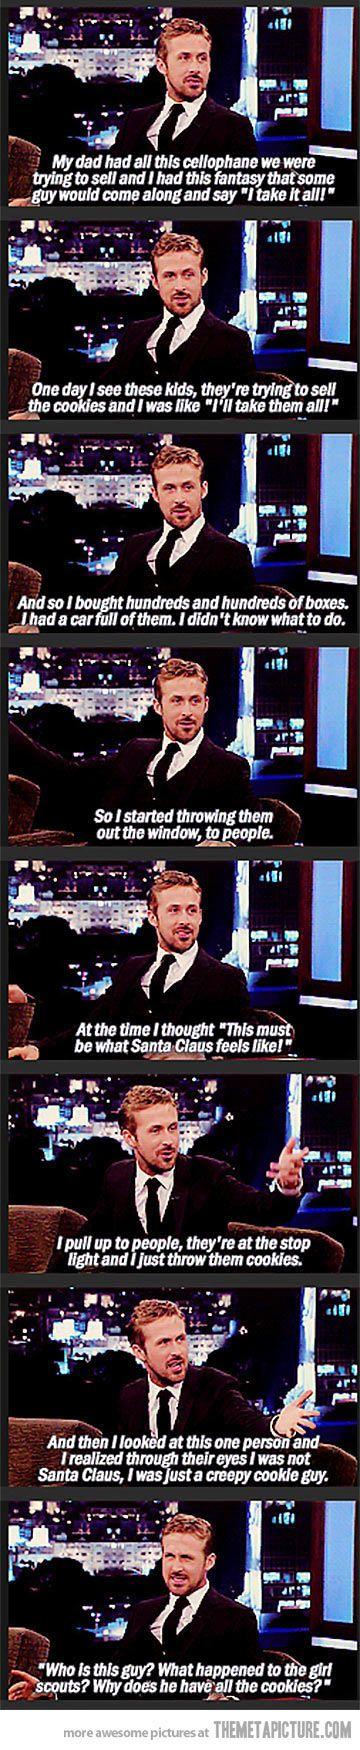 Ryan Gosling is just a creepy cookie guy…